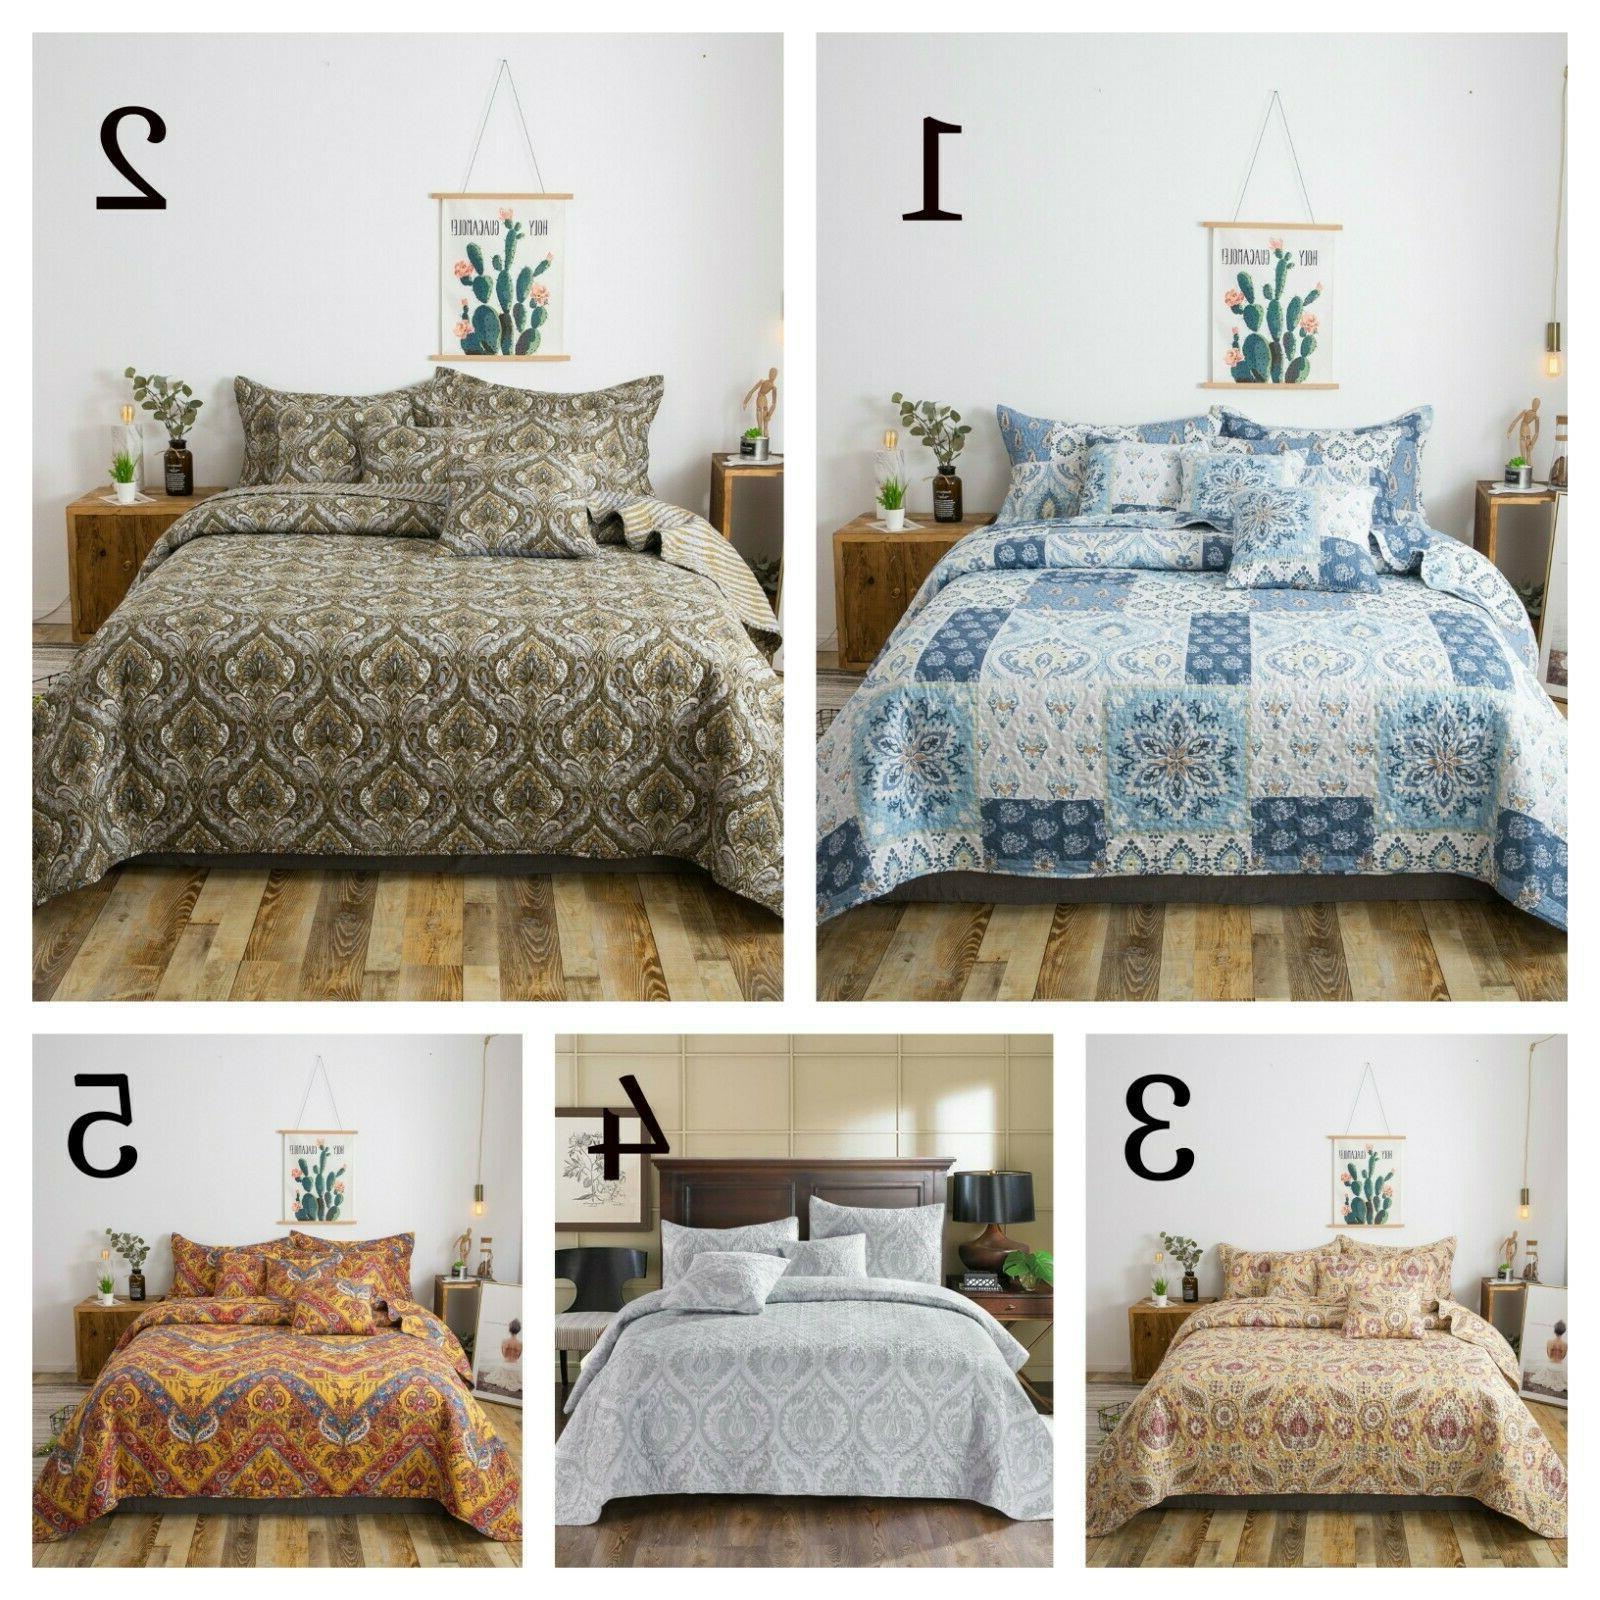 tache multi design and color bohemian moroccan